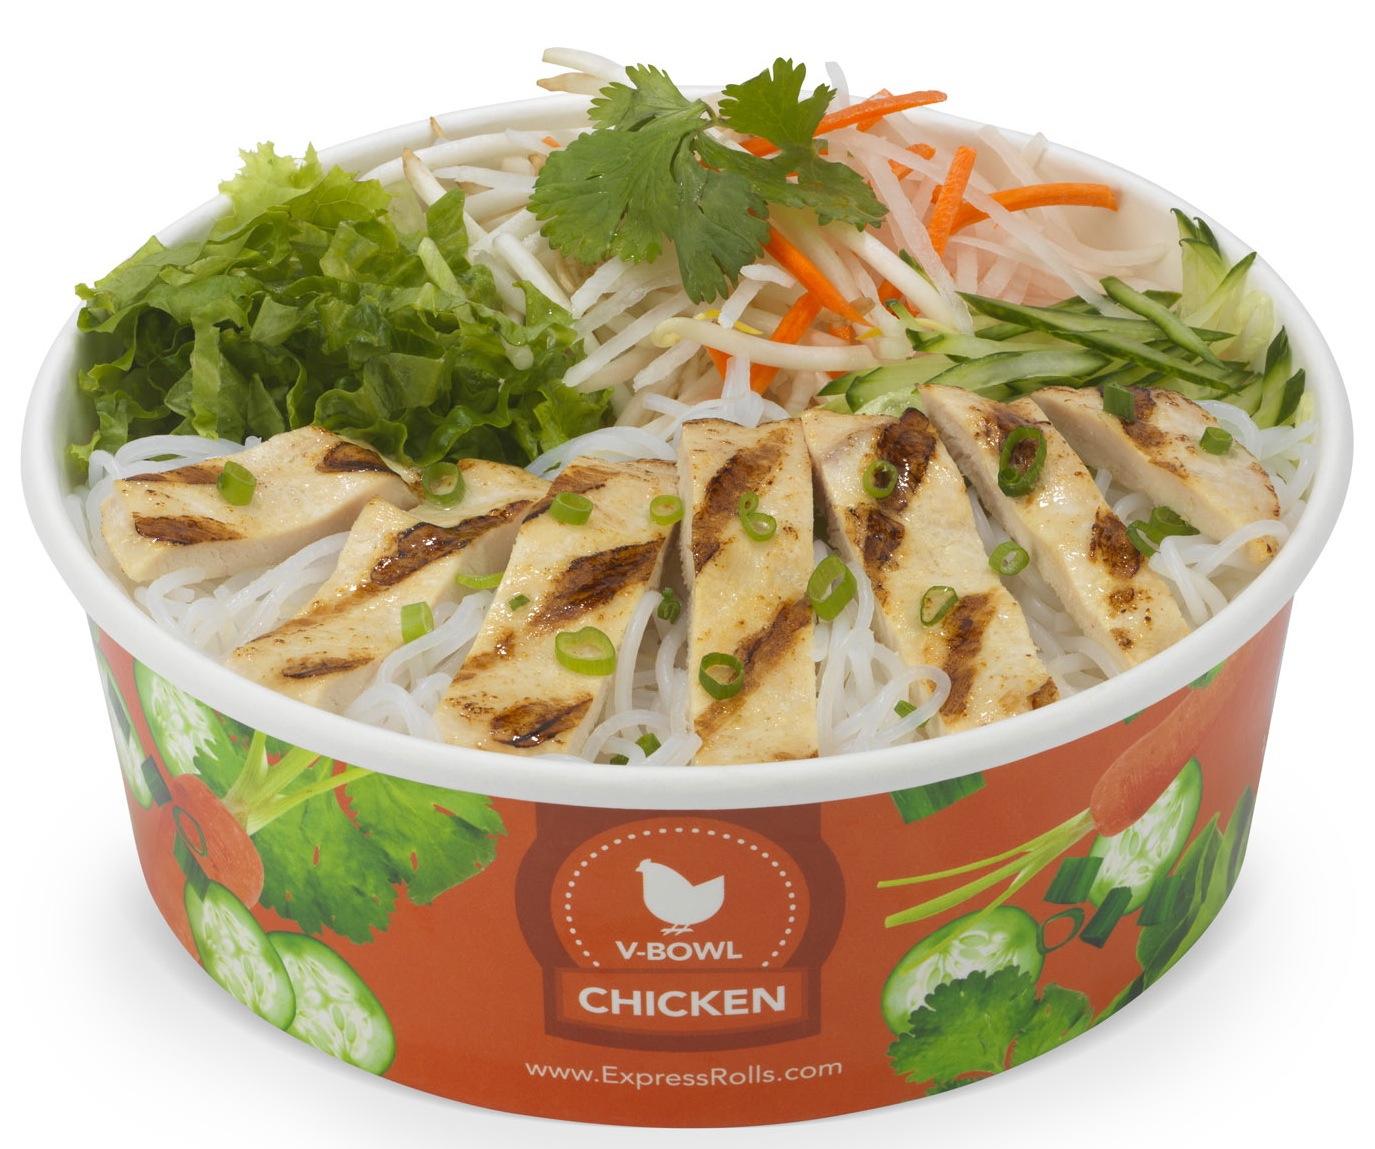 Lemon Chicken Vietnamese Salad Expressrolls.com